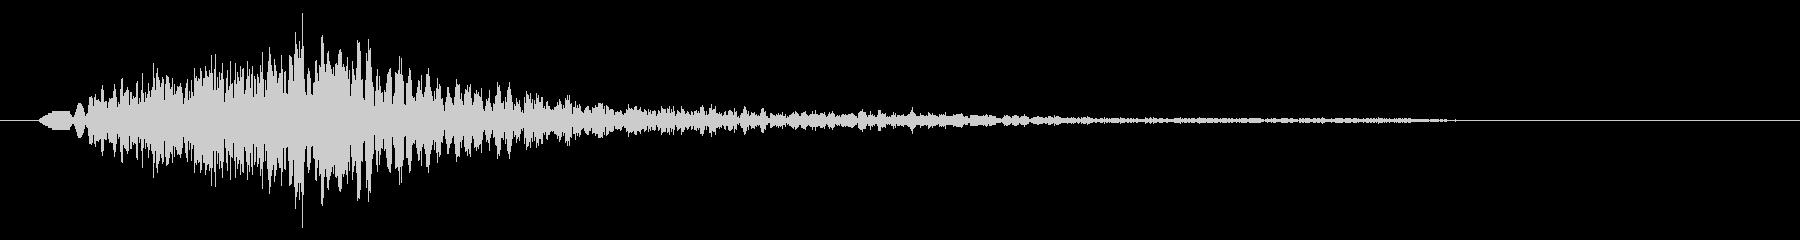 チョーン(注意を呼び起こす鋭い音)の未再生の波形